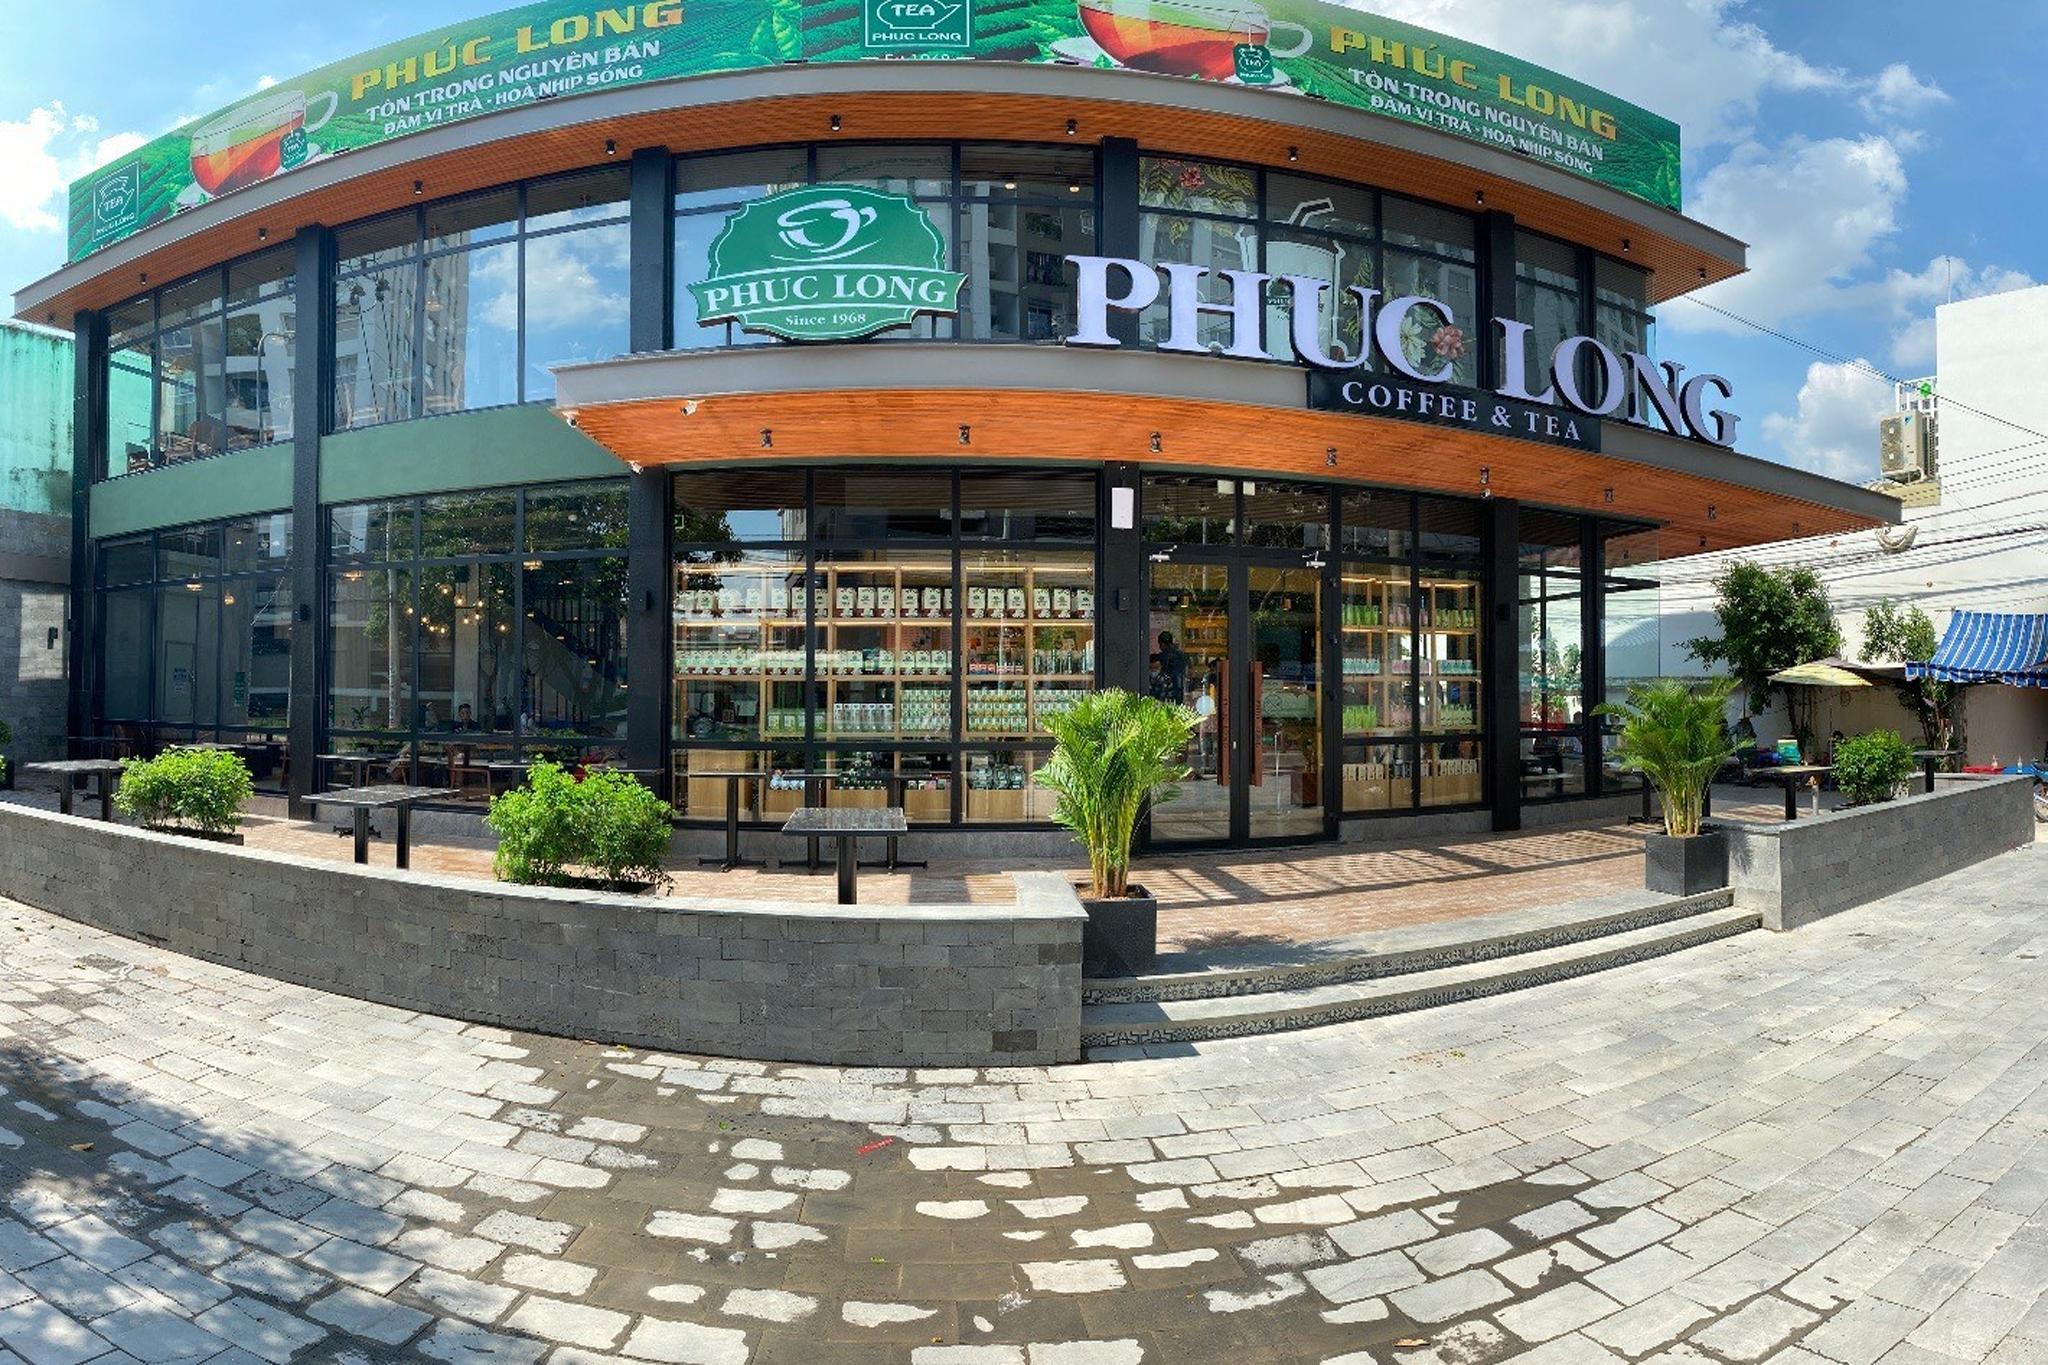 Bí quyết thu hút khách hàng trong thiết kế quán cafe Phúc Long